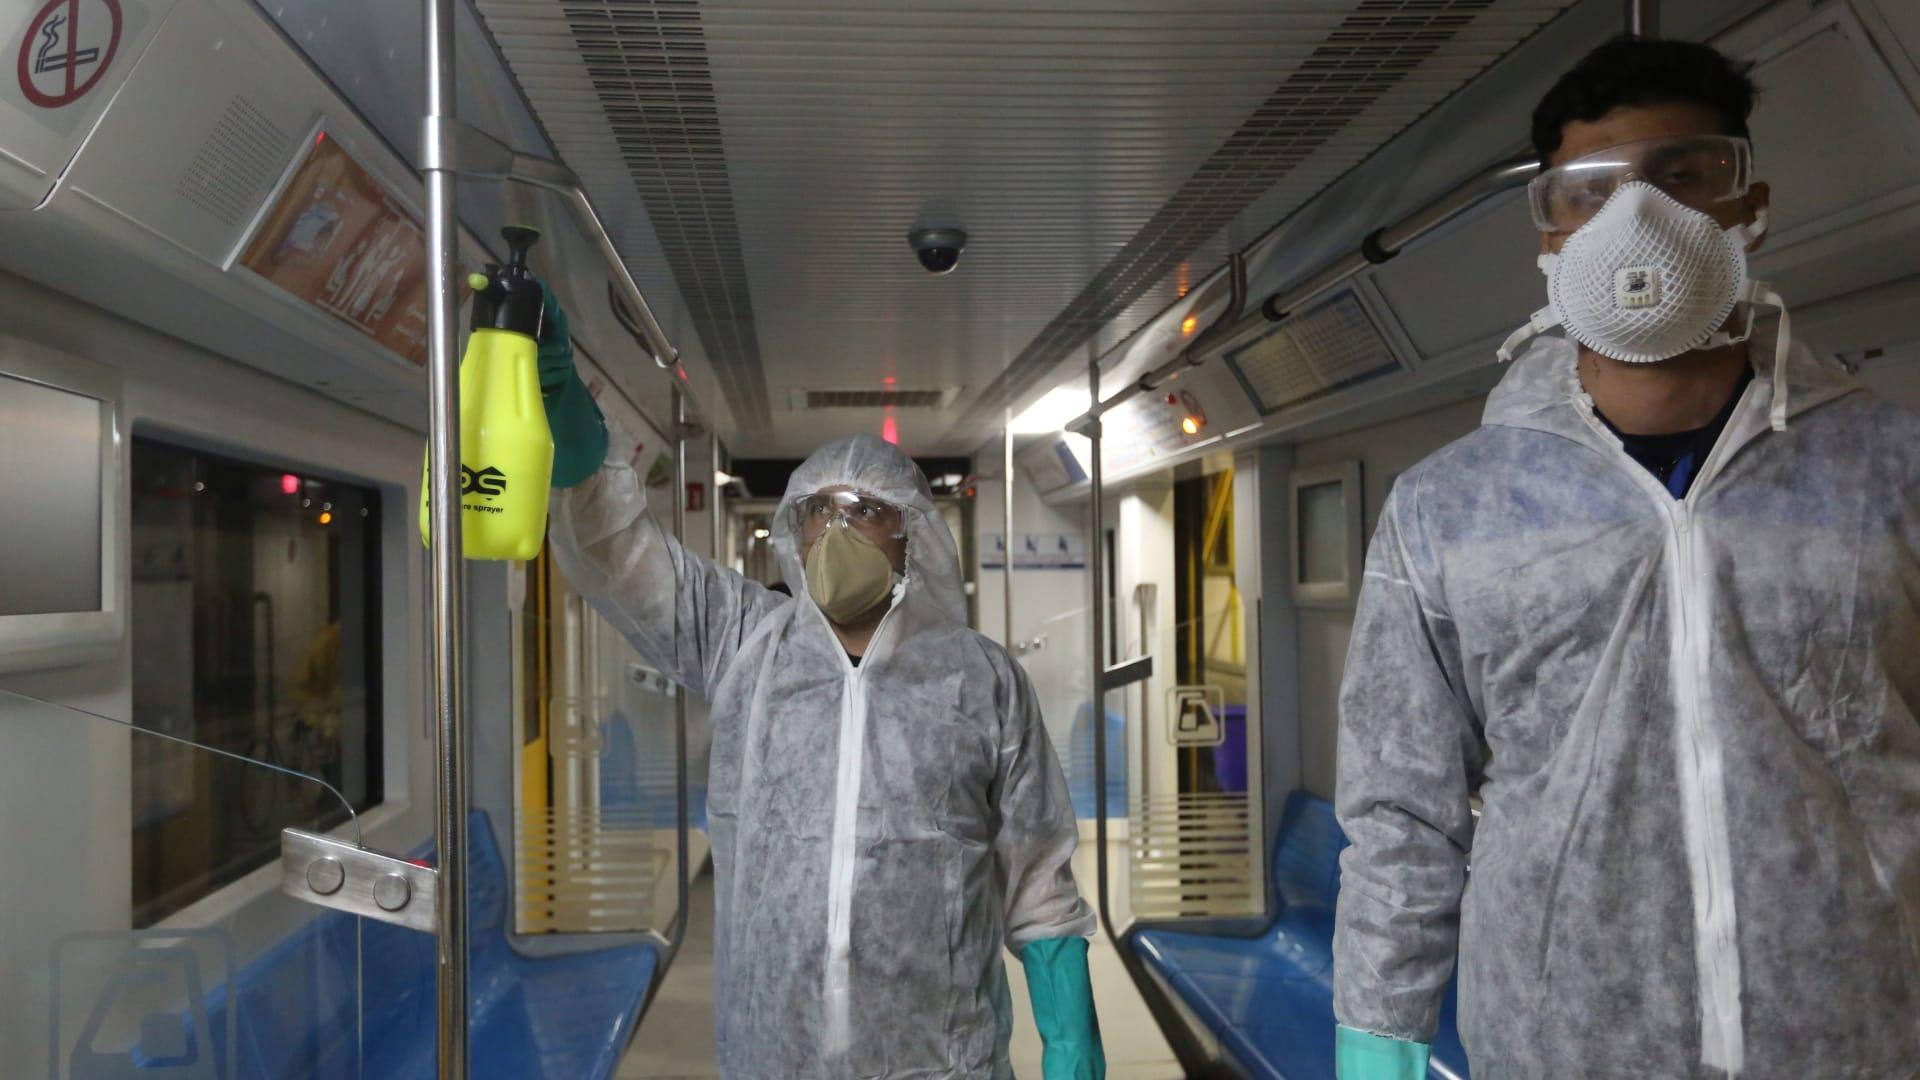 إيقاف صلاة الجمعة لأول مرة في إيران بسبب فيروس كورونا